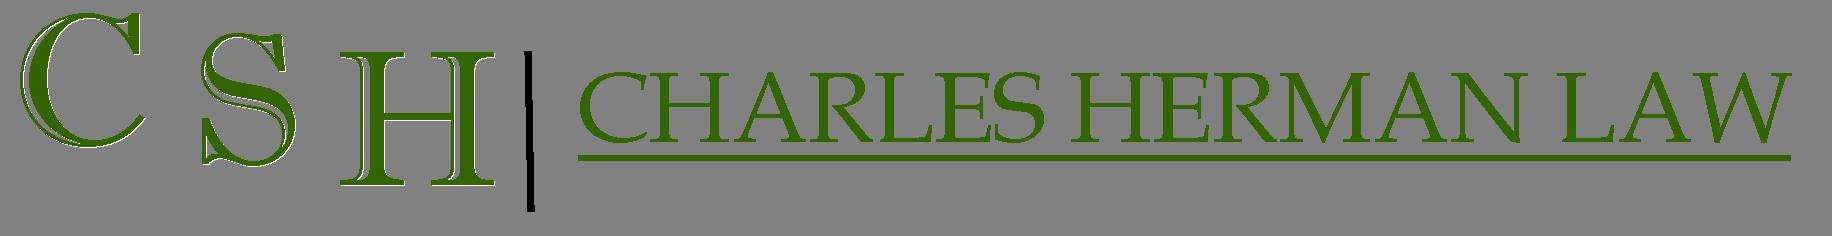 Charles Herman Law